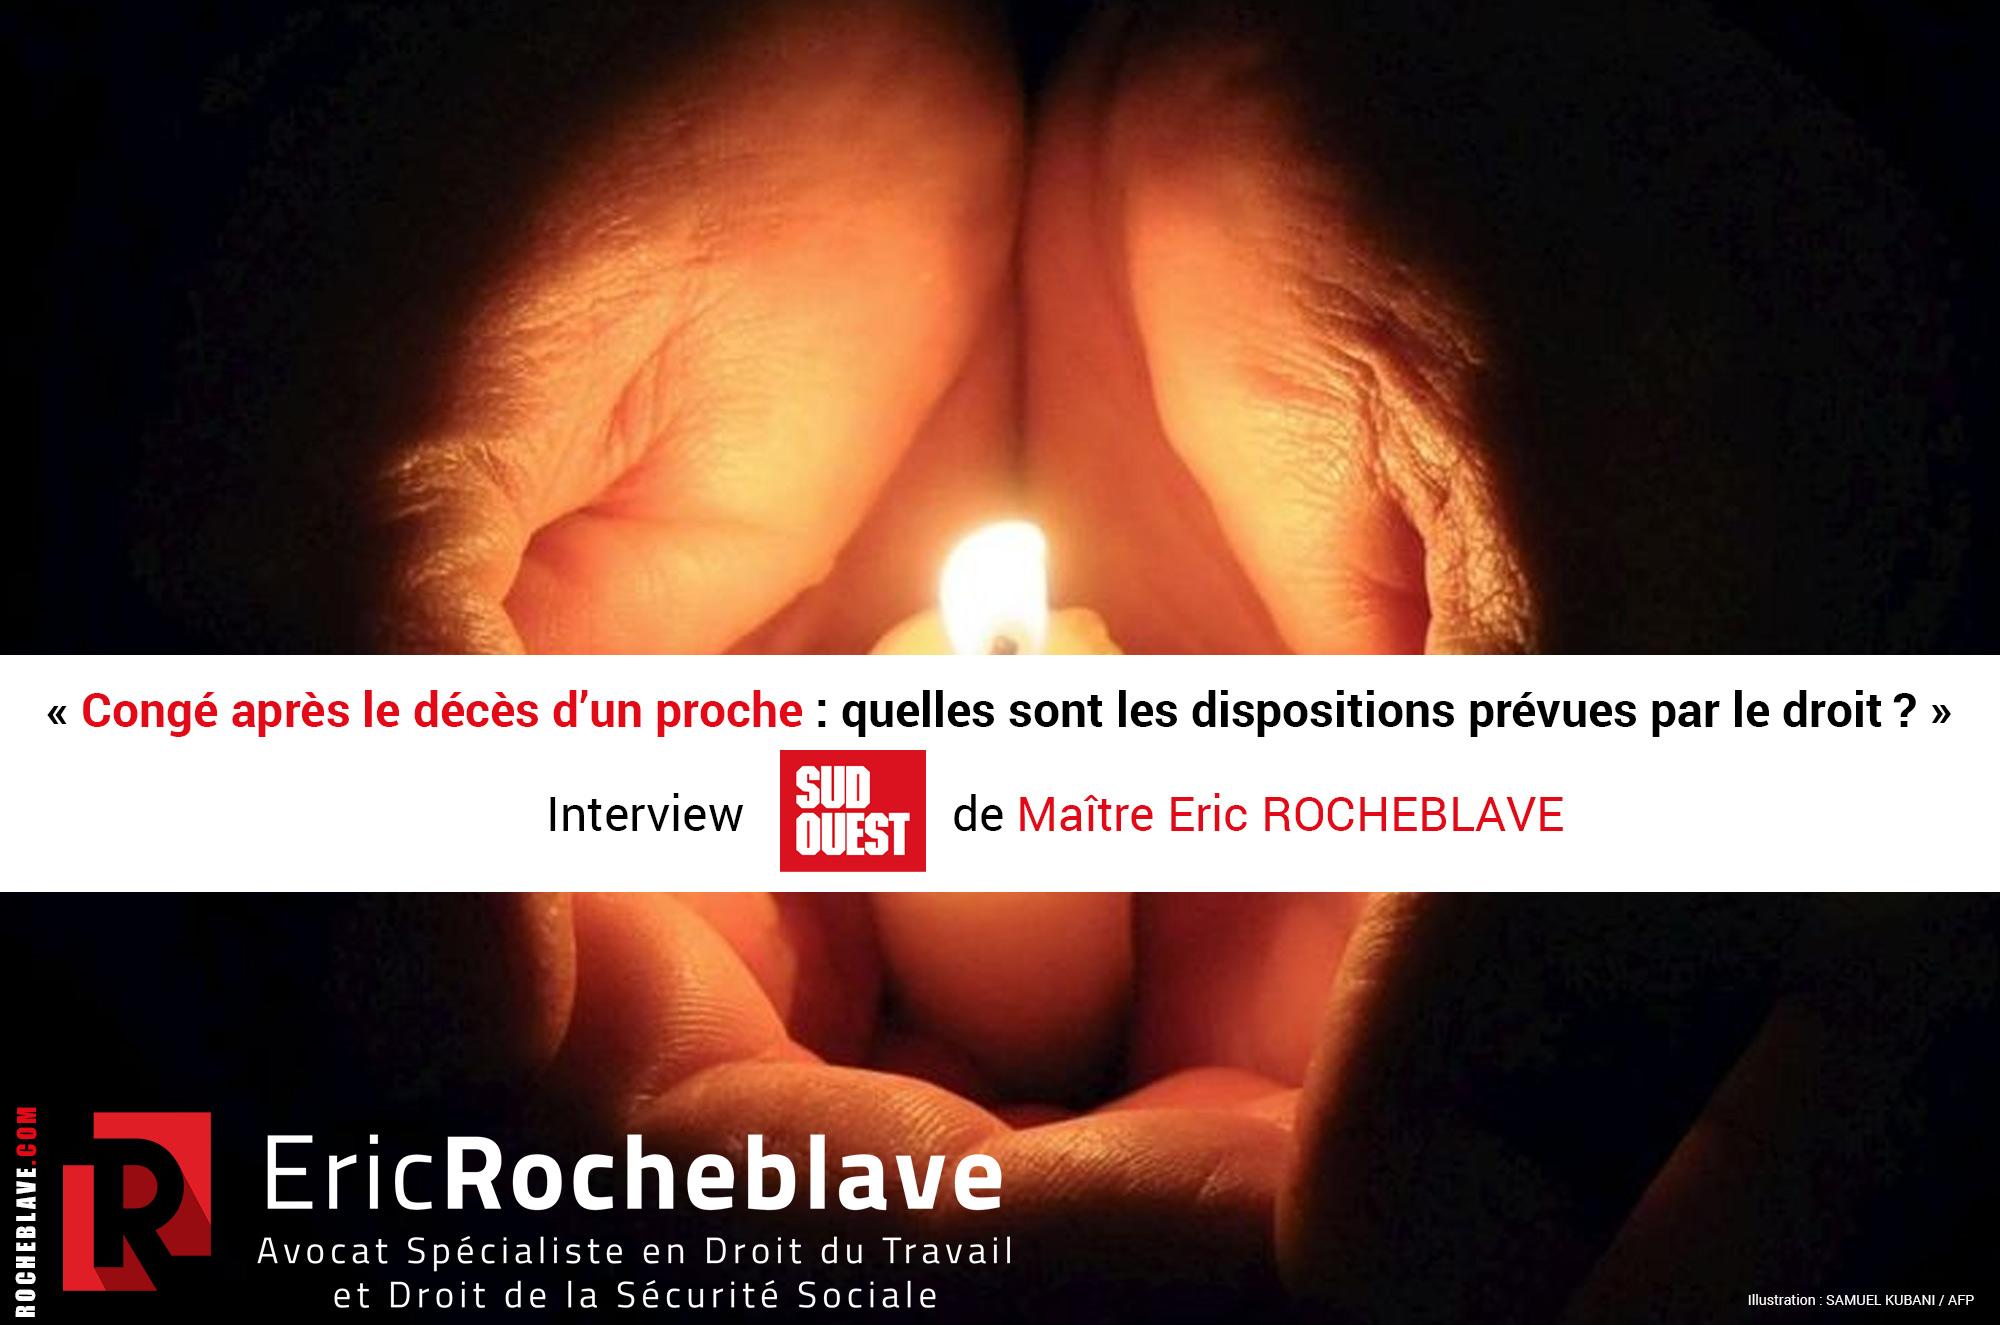 « Congé après le décès d'un proche : quelles sont les dispositions prévues par le droit ? » Interview Sud Ouest de Maître Eric ROCHEBLAVE